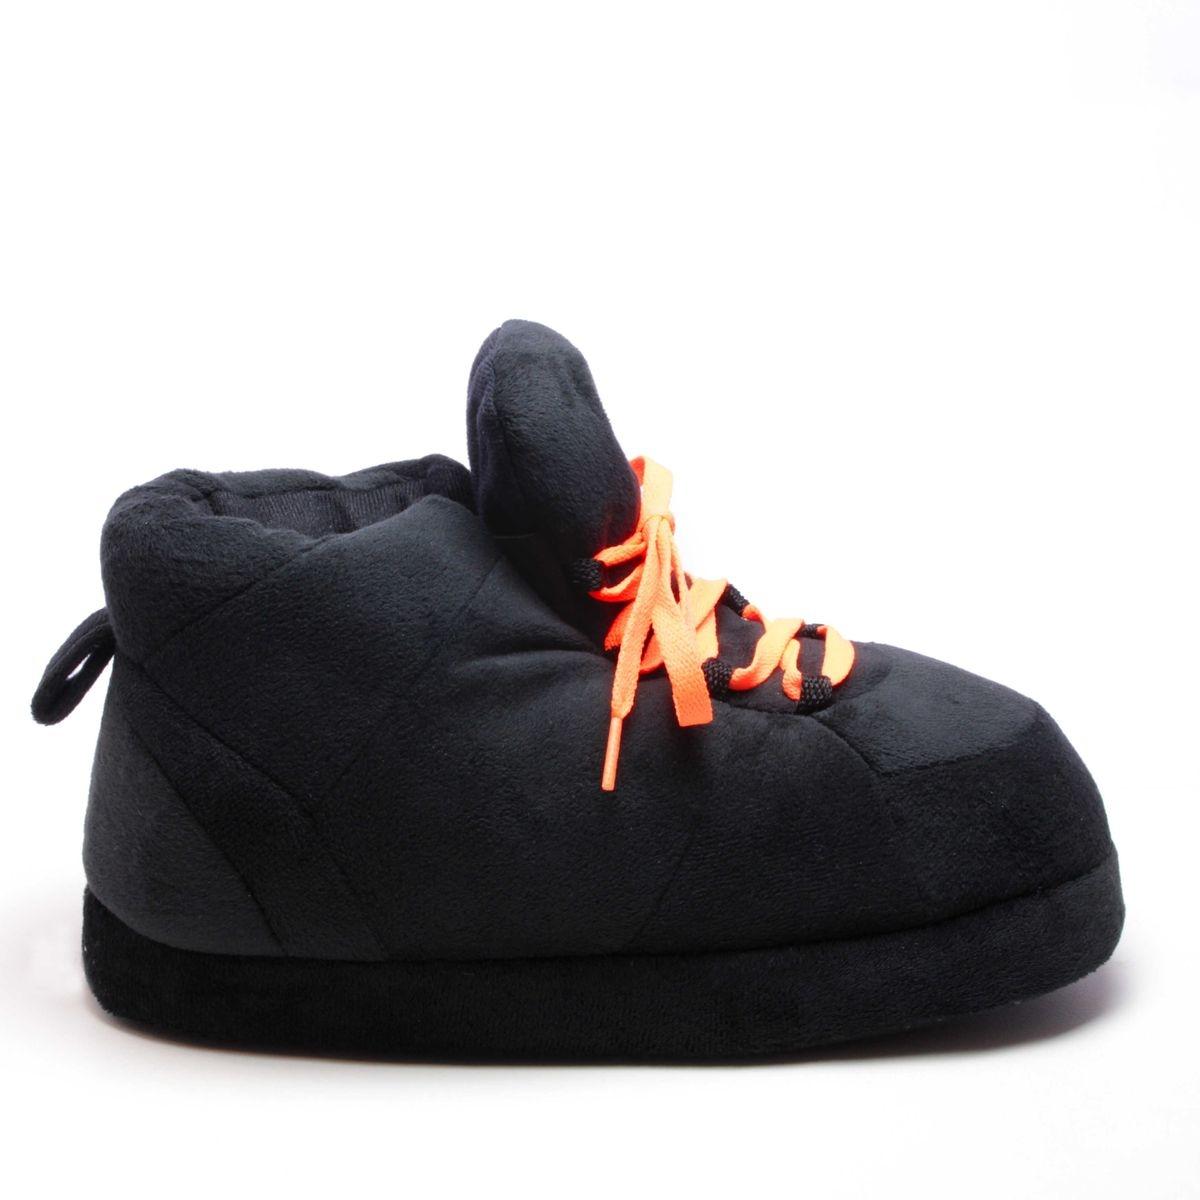 Chaussons style basket noir, lacet noir